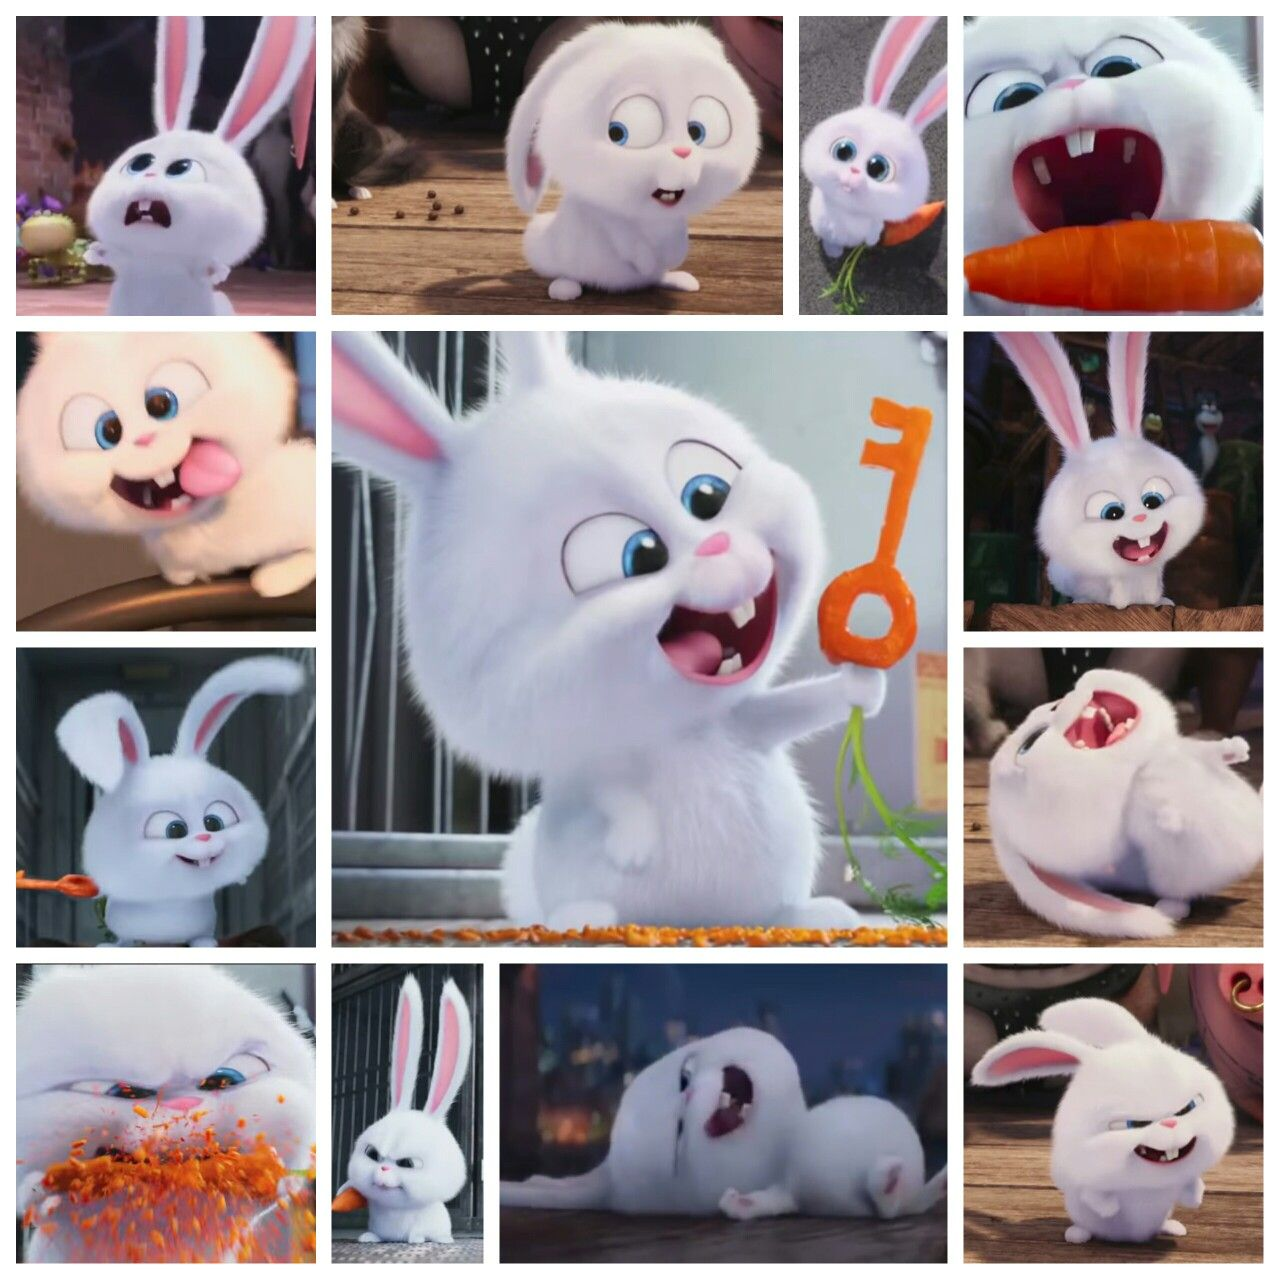 Secret Life Of Pets Snowball Collage La Vida Secreta De Tus